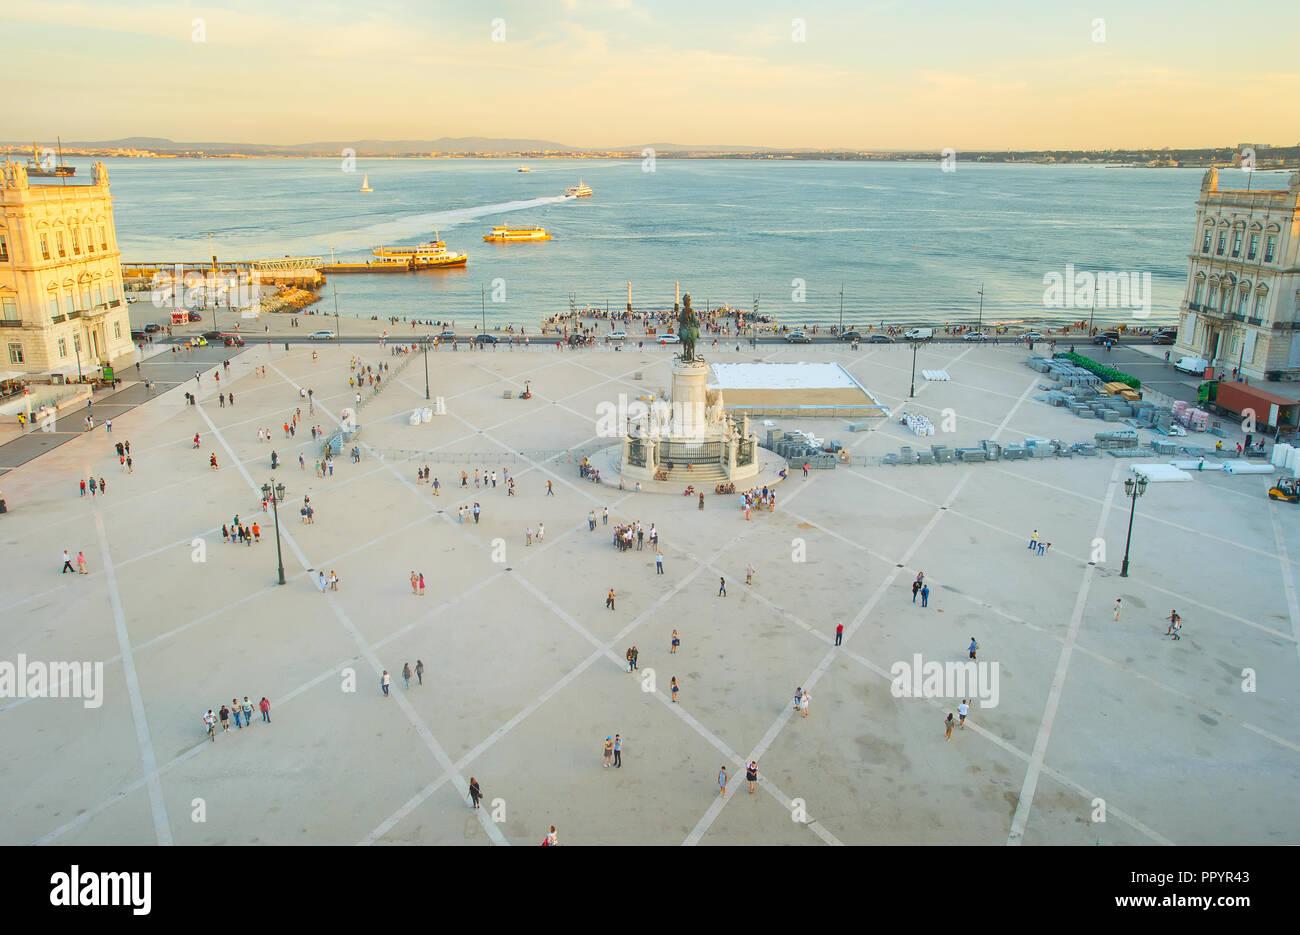 Vista aérea de la plaza comercial. Lisboa, Portugal Imagen De Stock